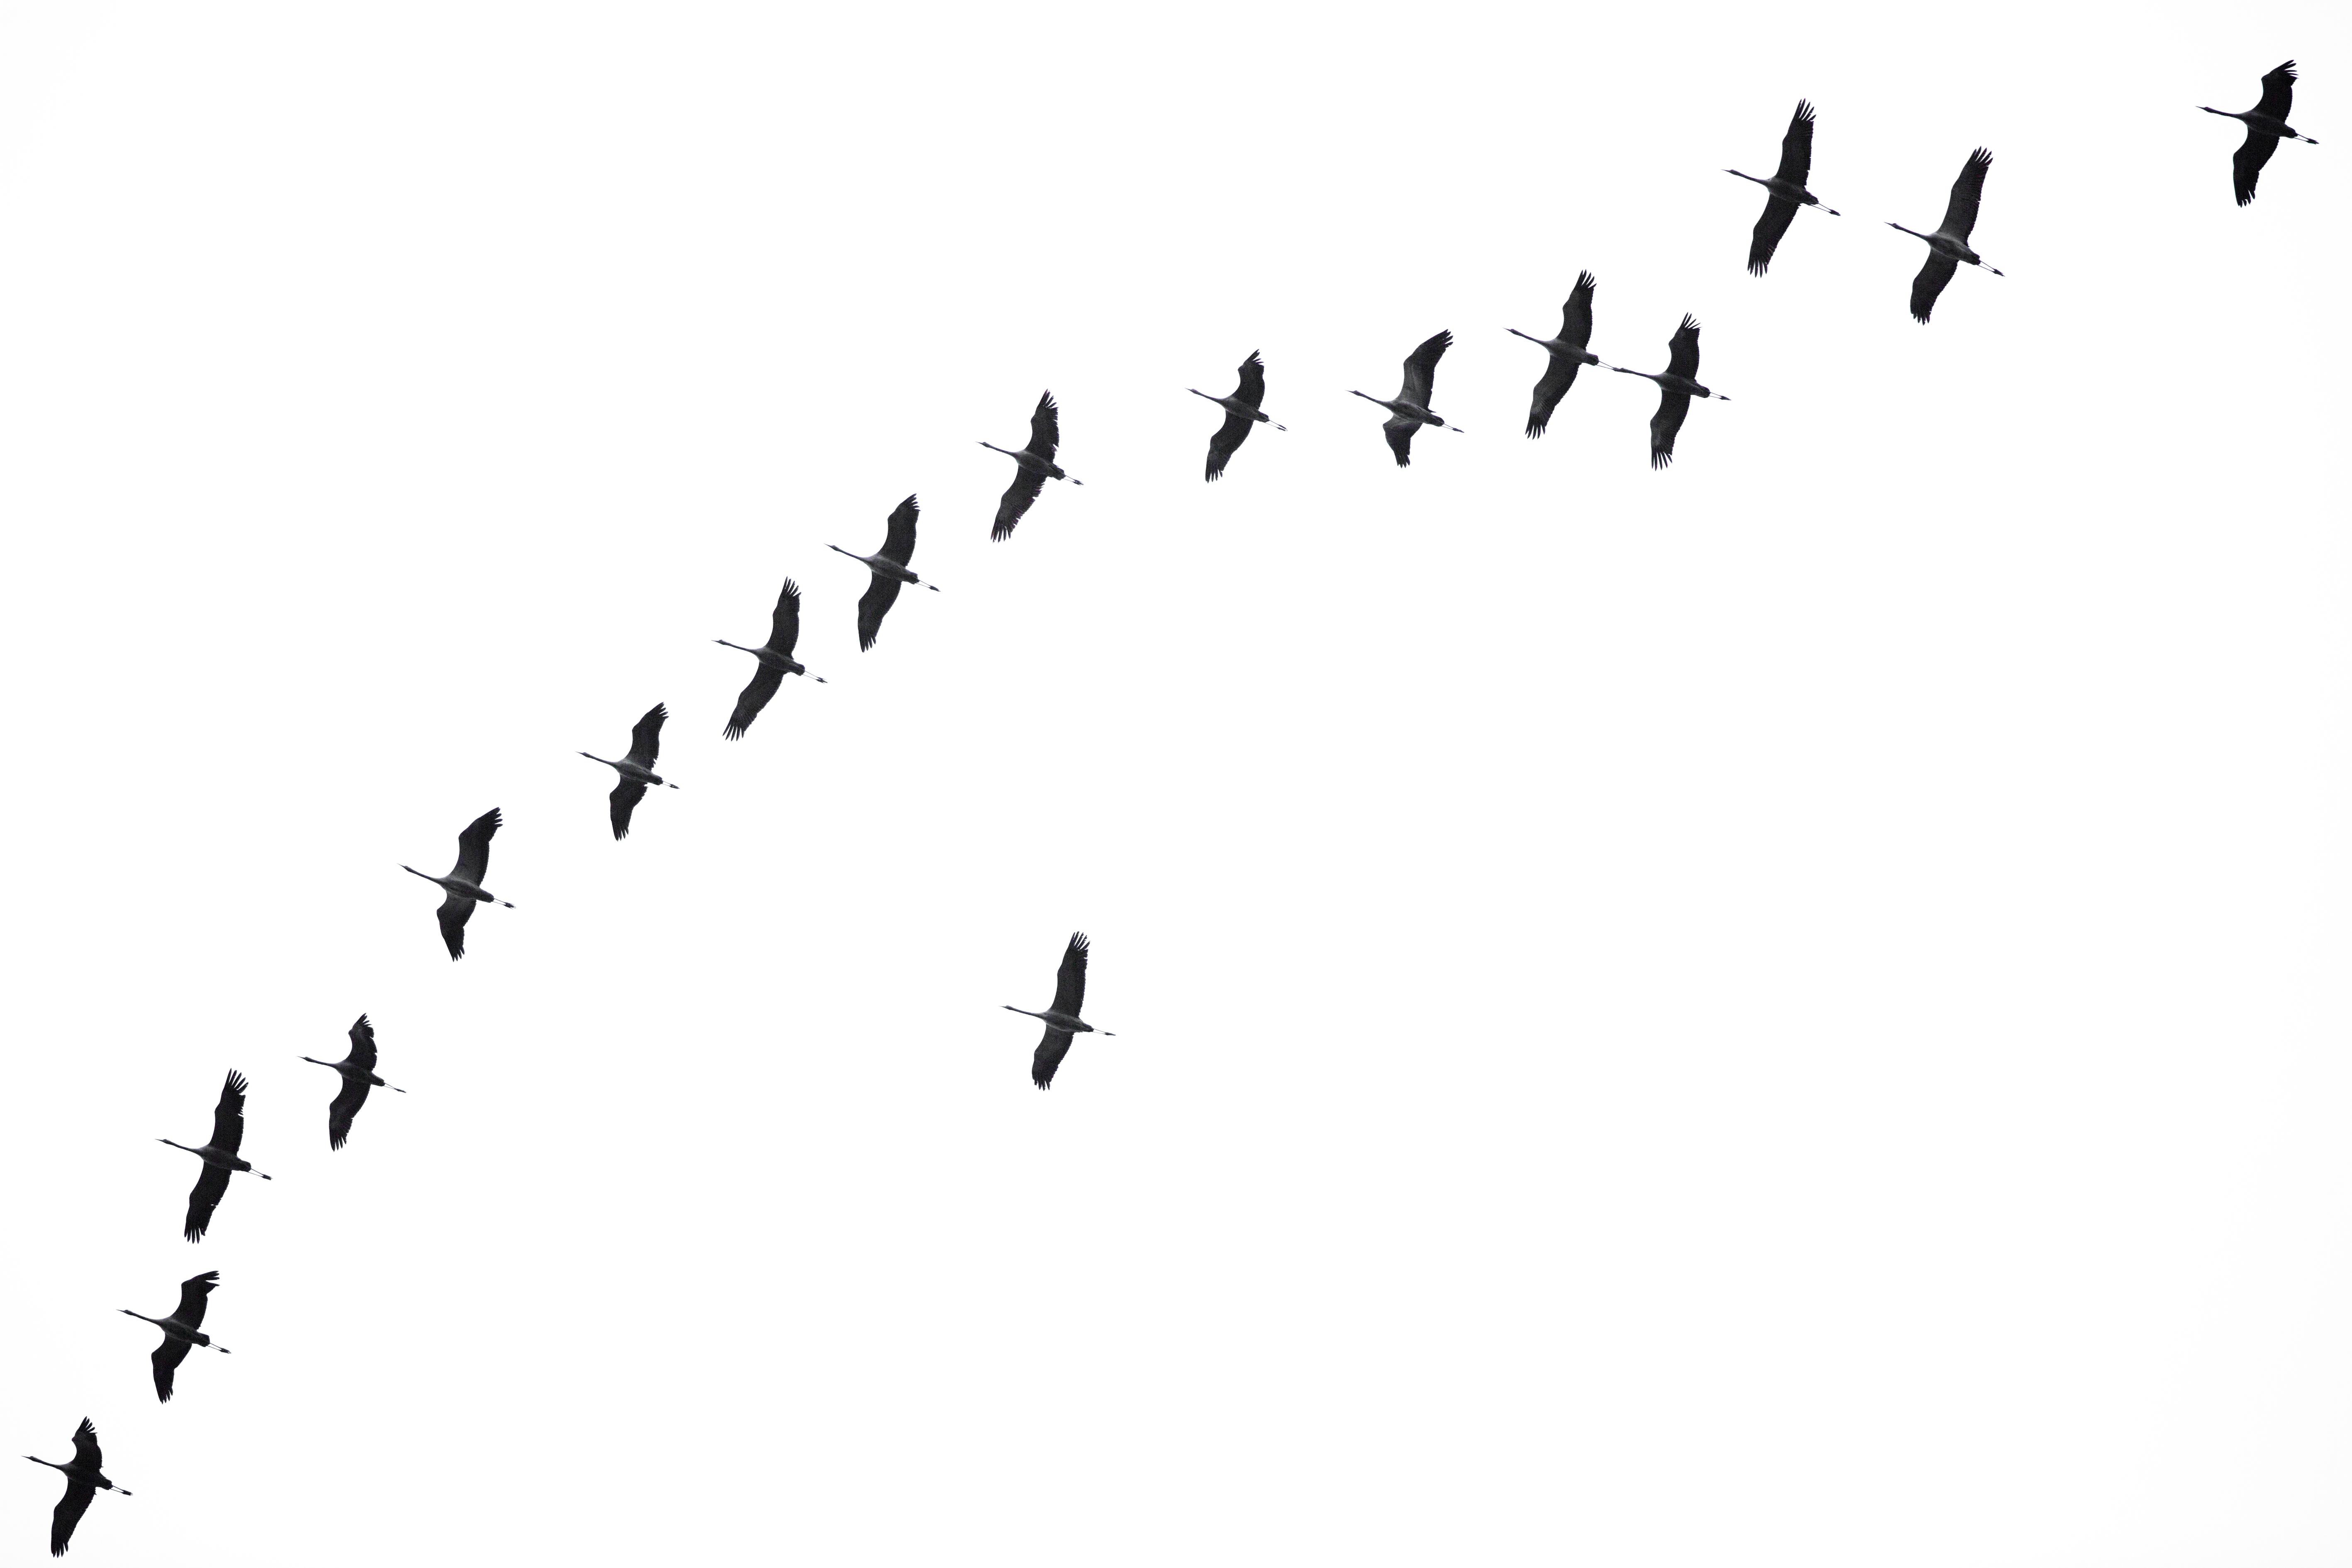 Vol de grues cendrées - Pologne